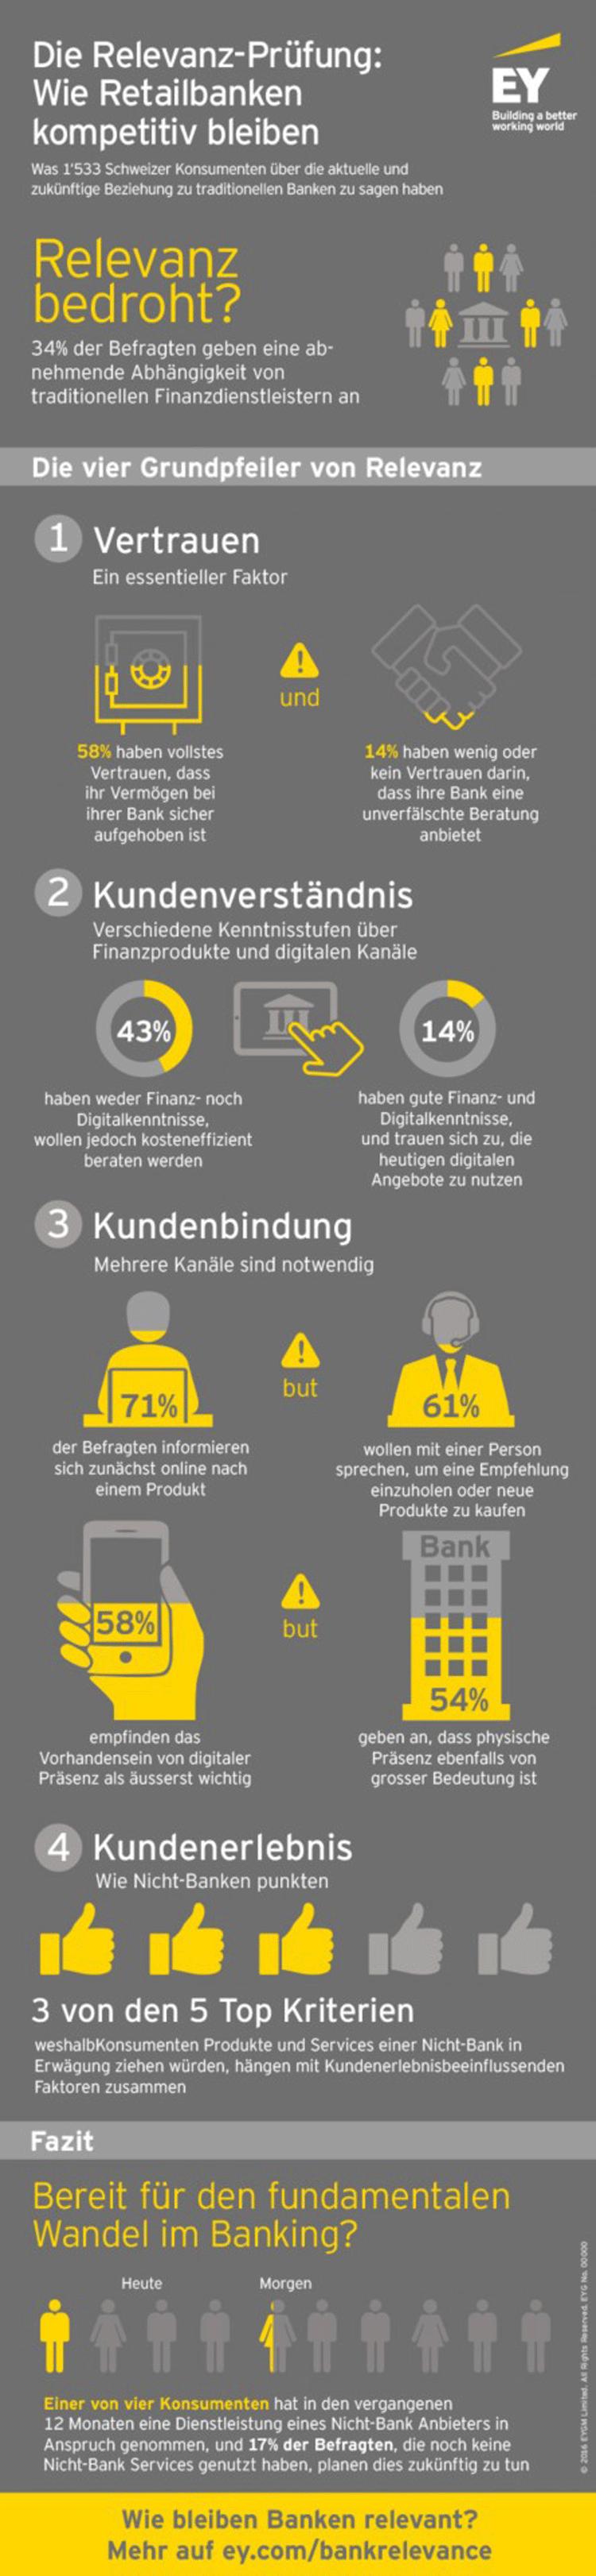 Faktoren der Relevanz von Retail Banken – Infografik